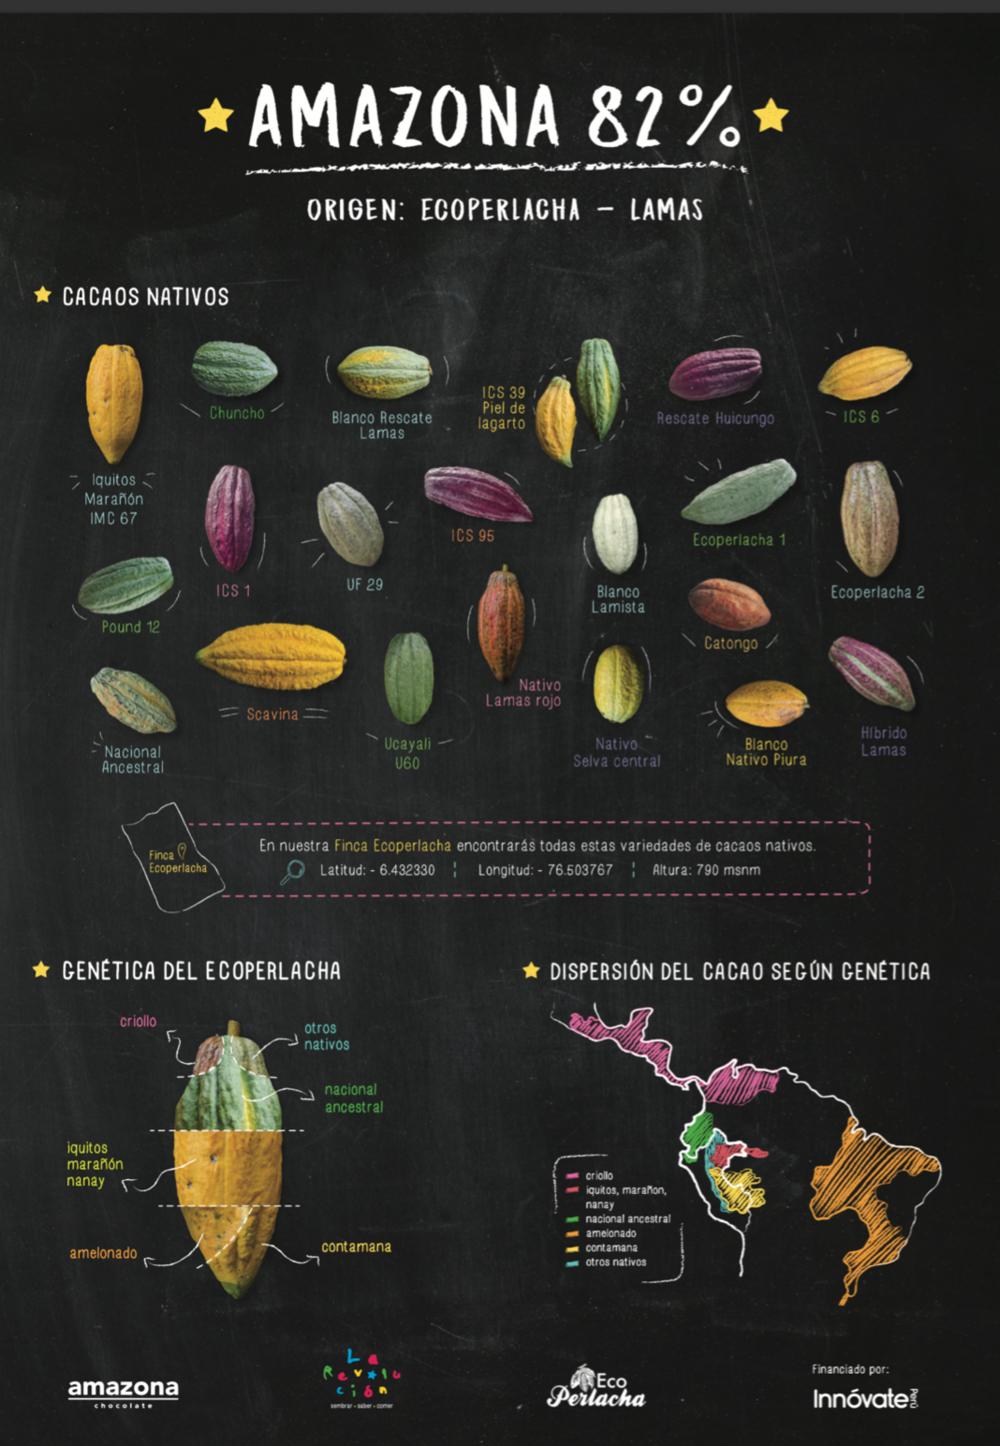 Cacaos nativos